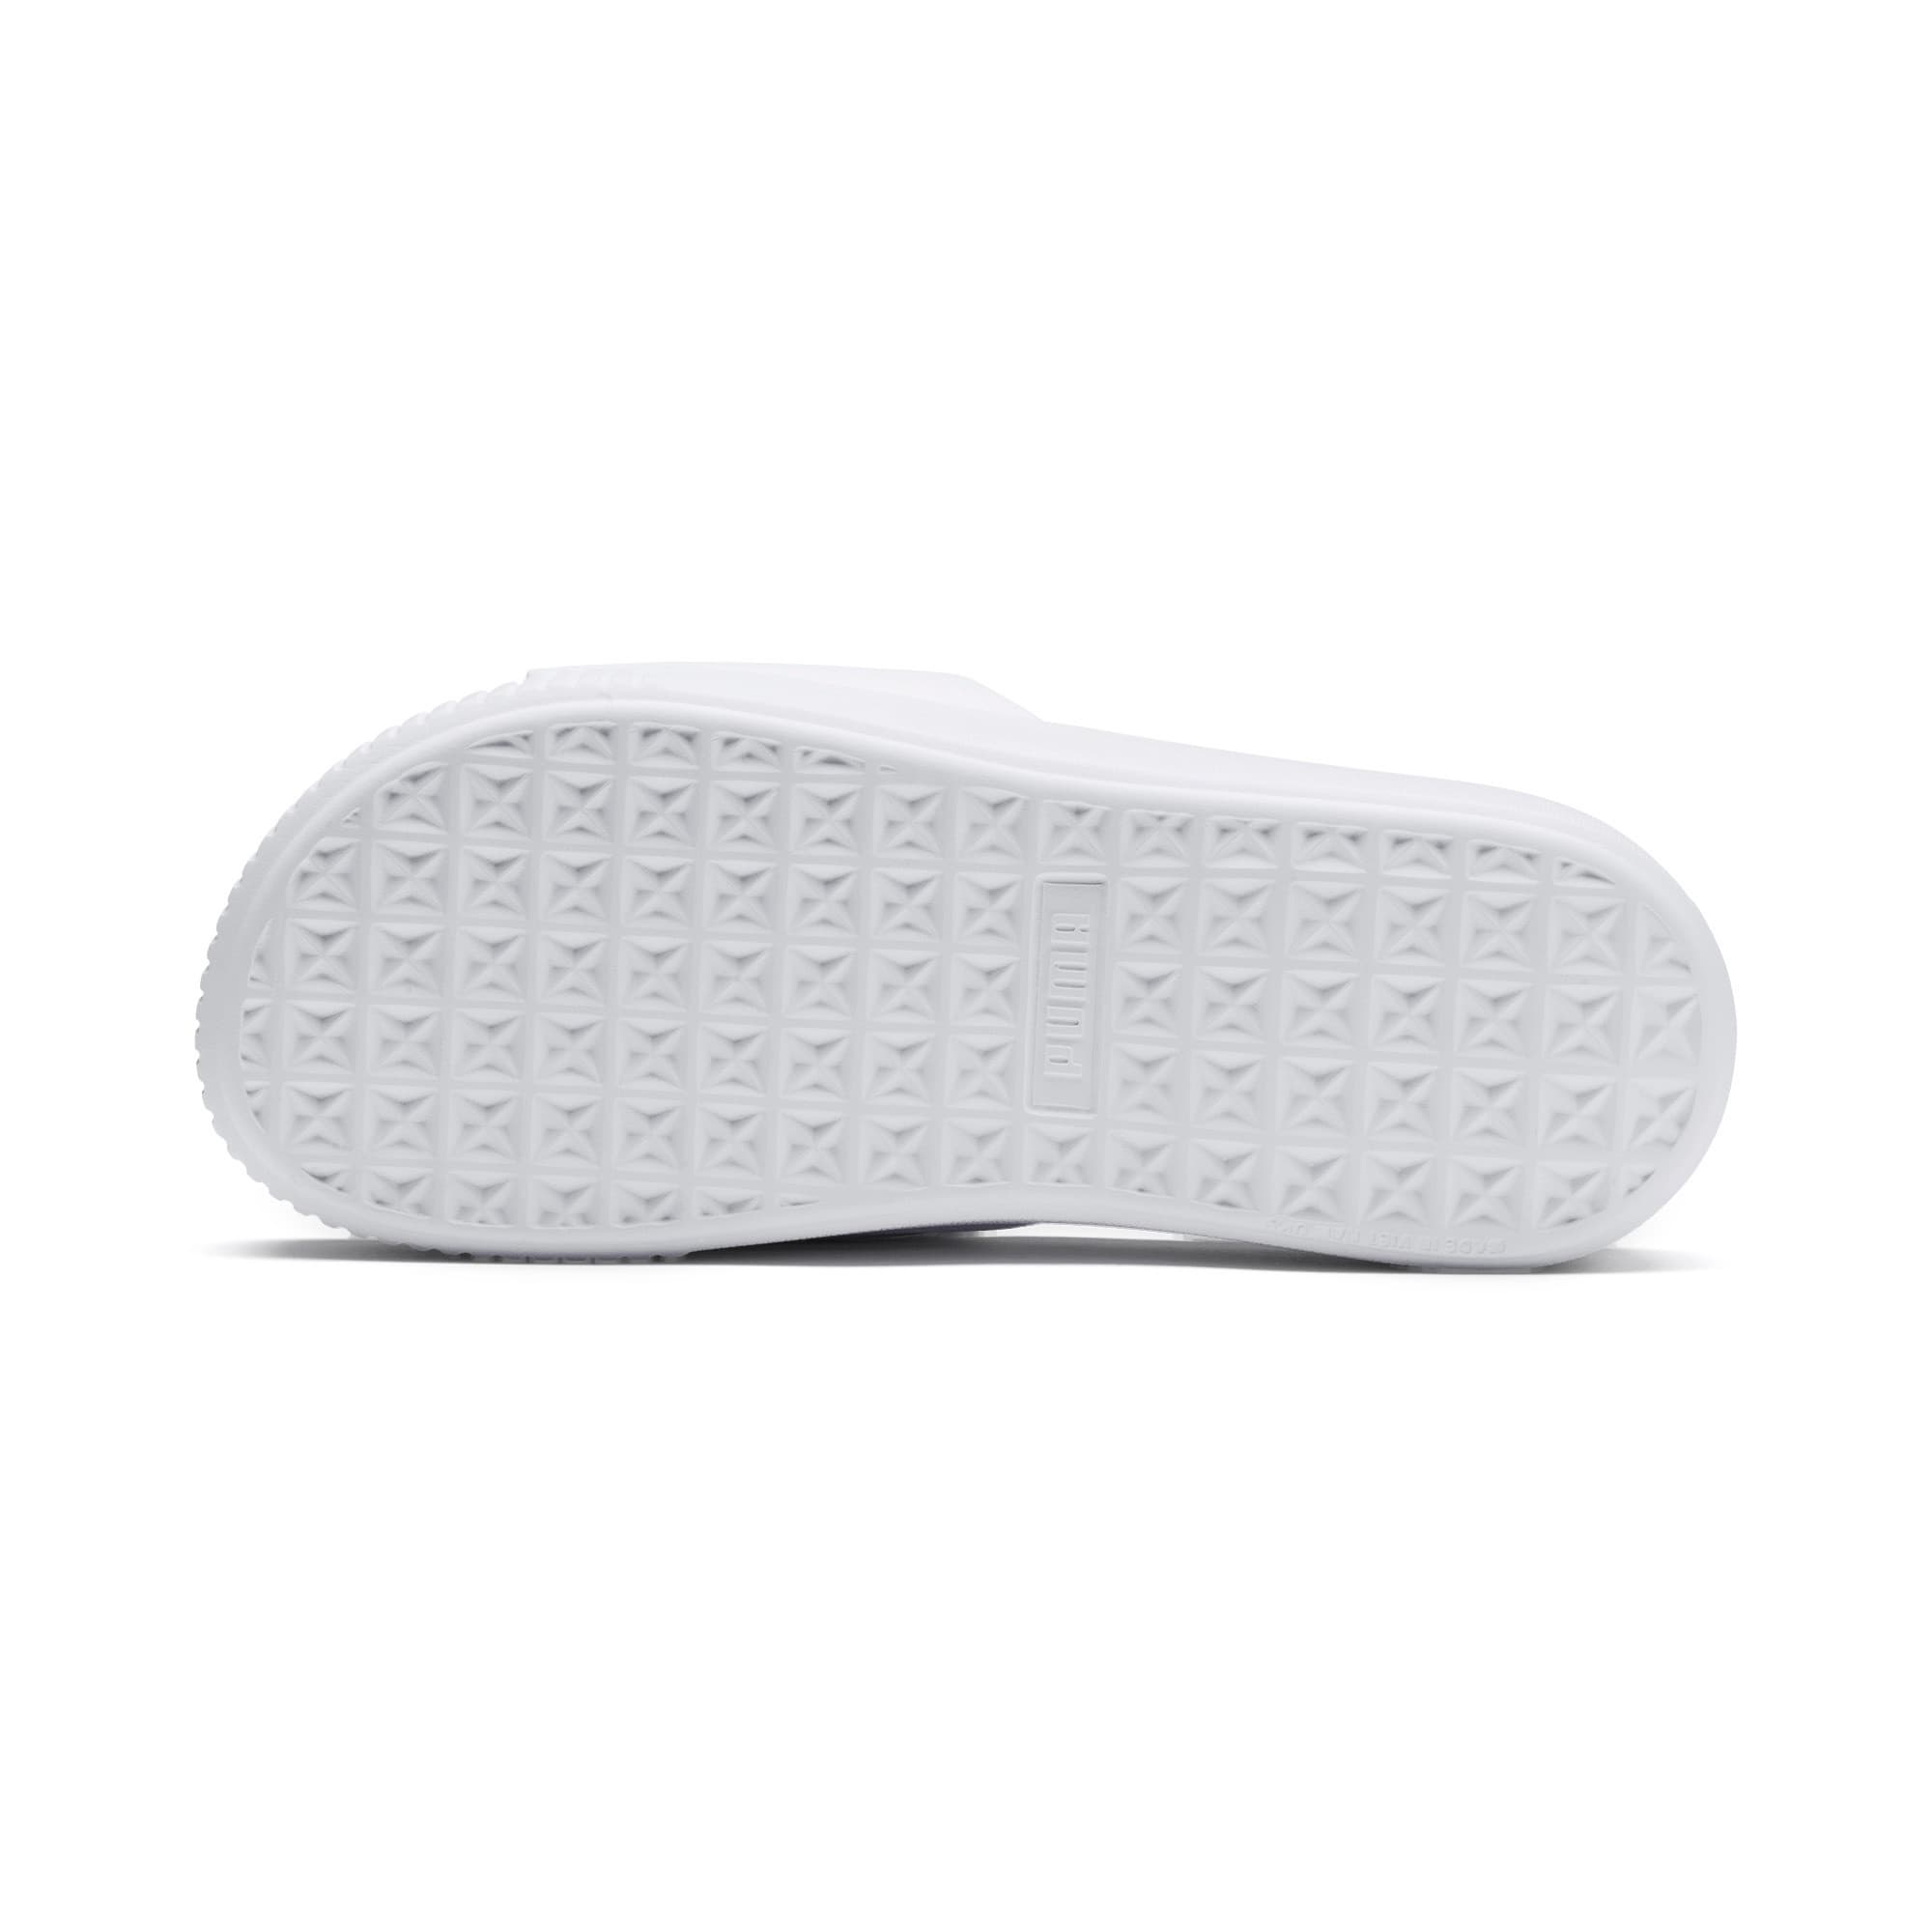 Thumbnail 4 of Platform Slide Women's Sandals, Puma White-Puma White, medium